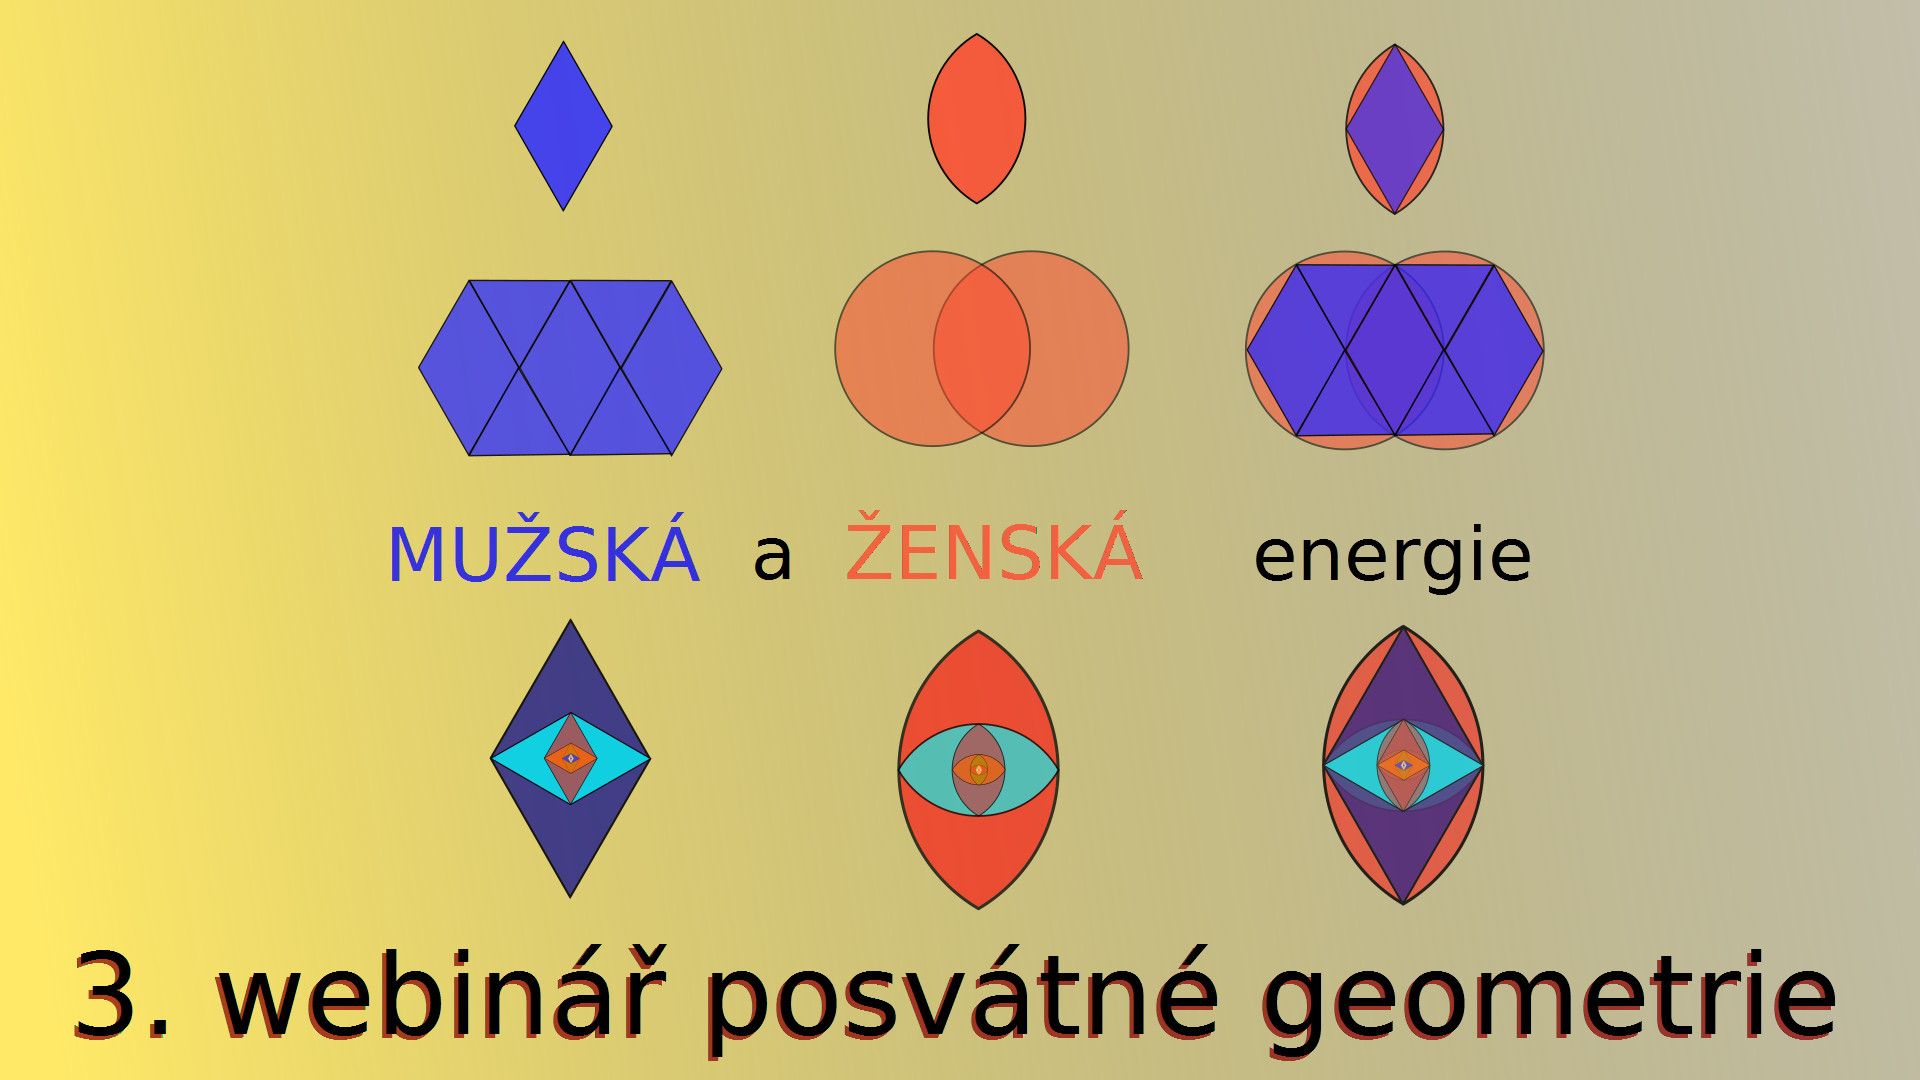 3. webinář o posvátné geometrii: Mužská a ženská energie